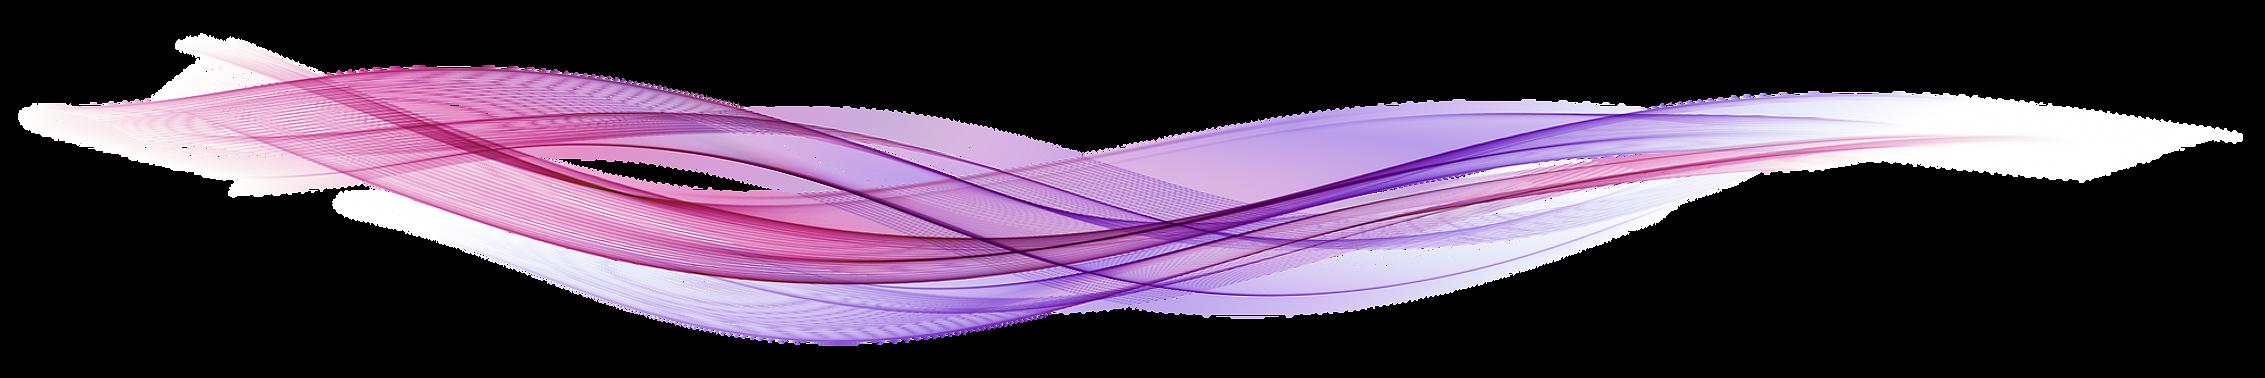 Wavy bkgd pink purple longer.png